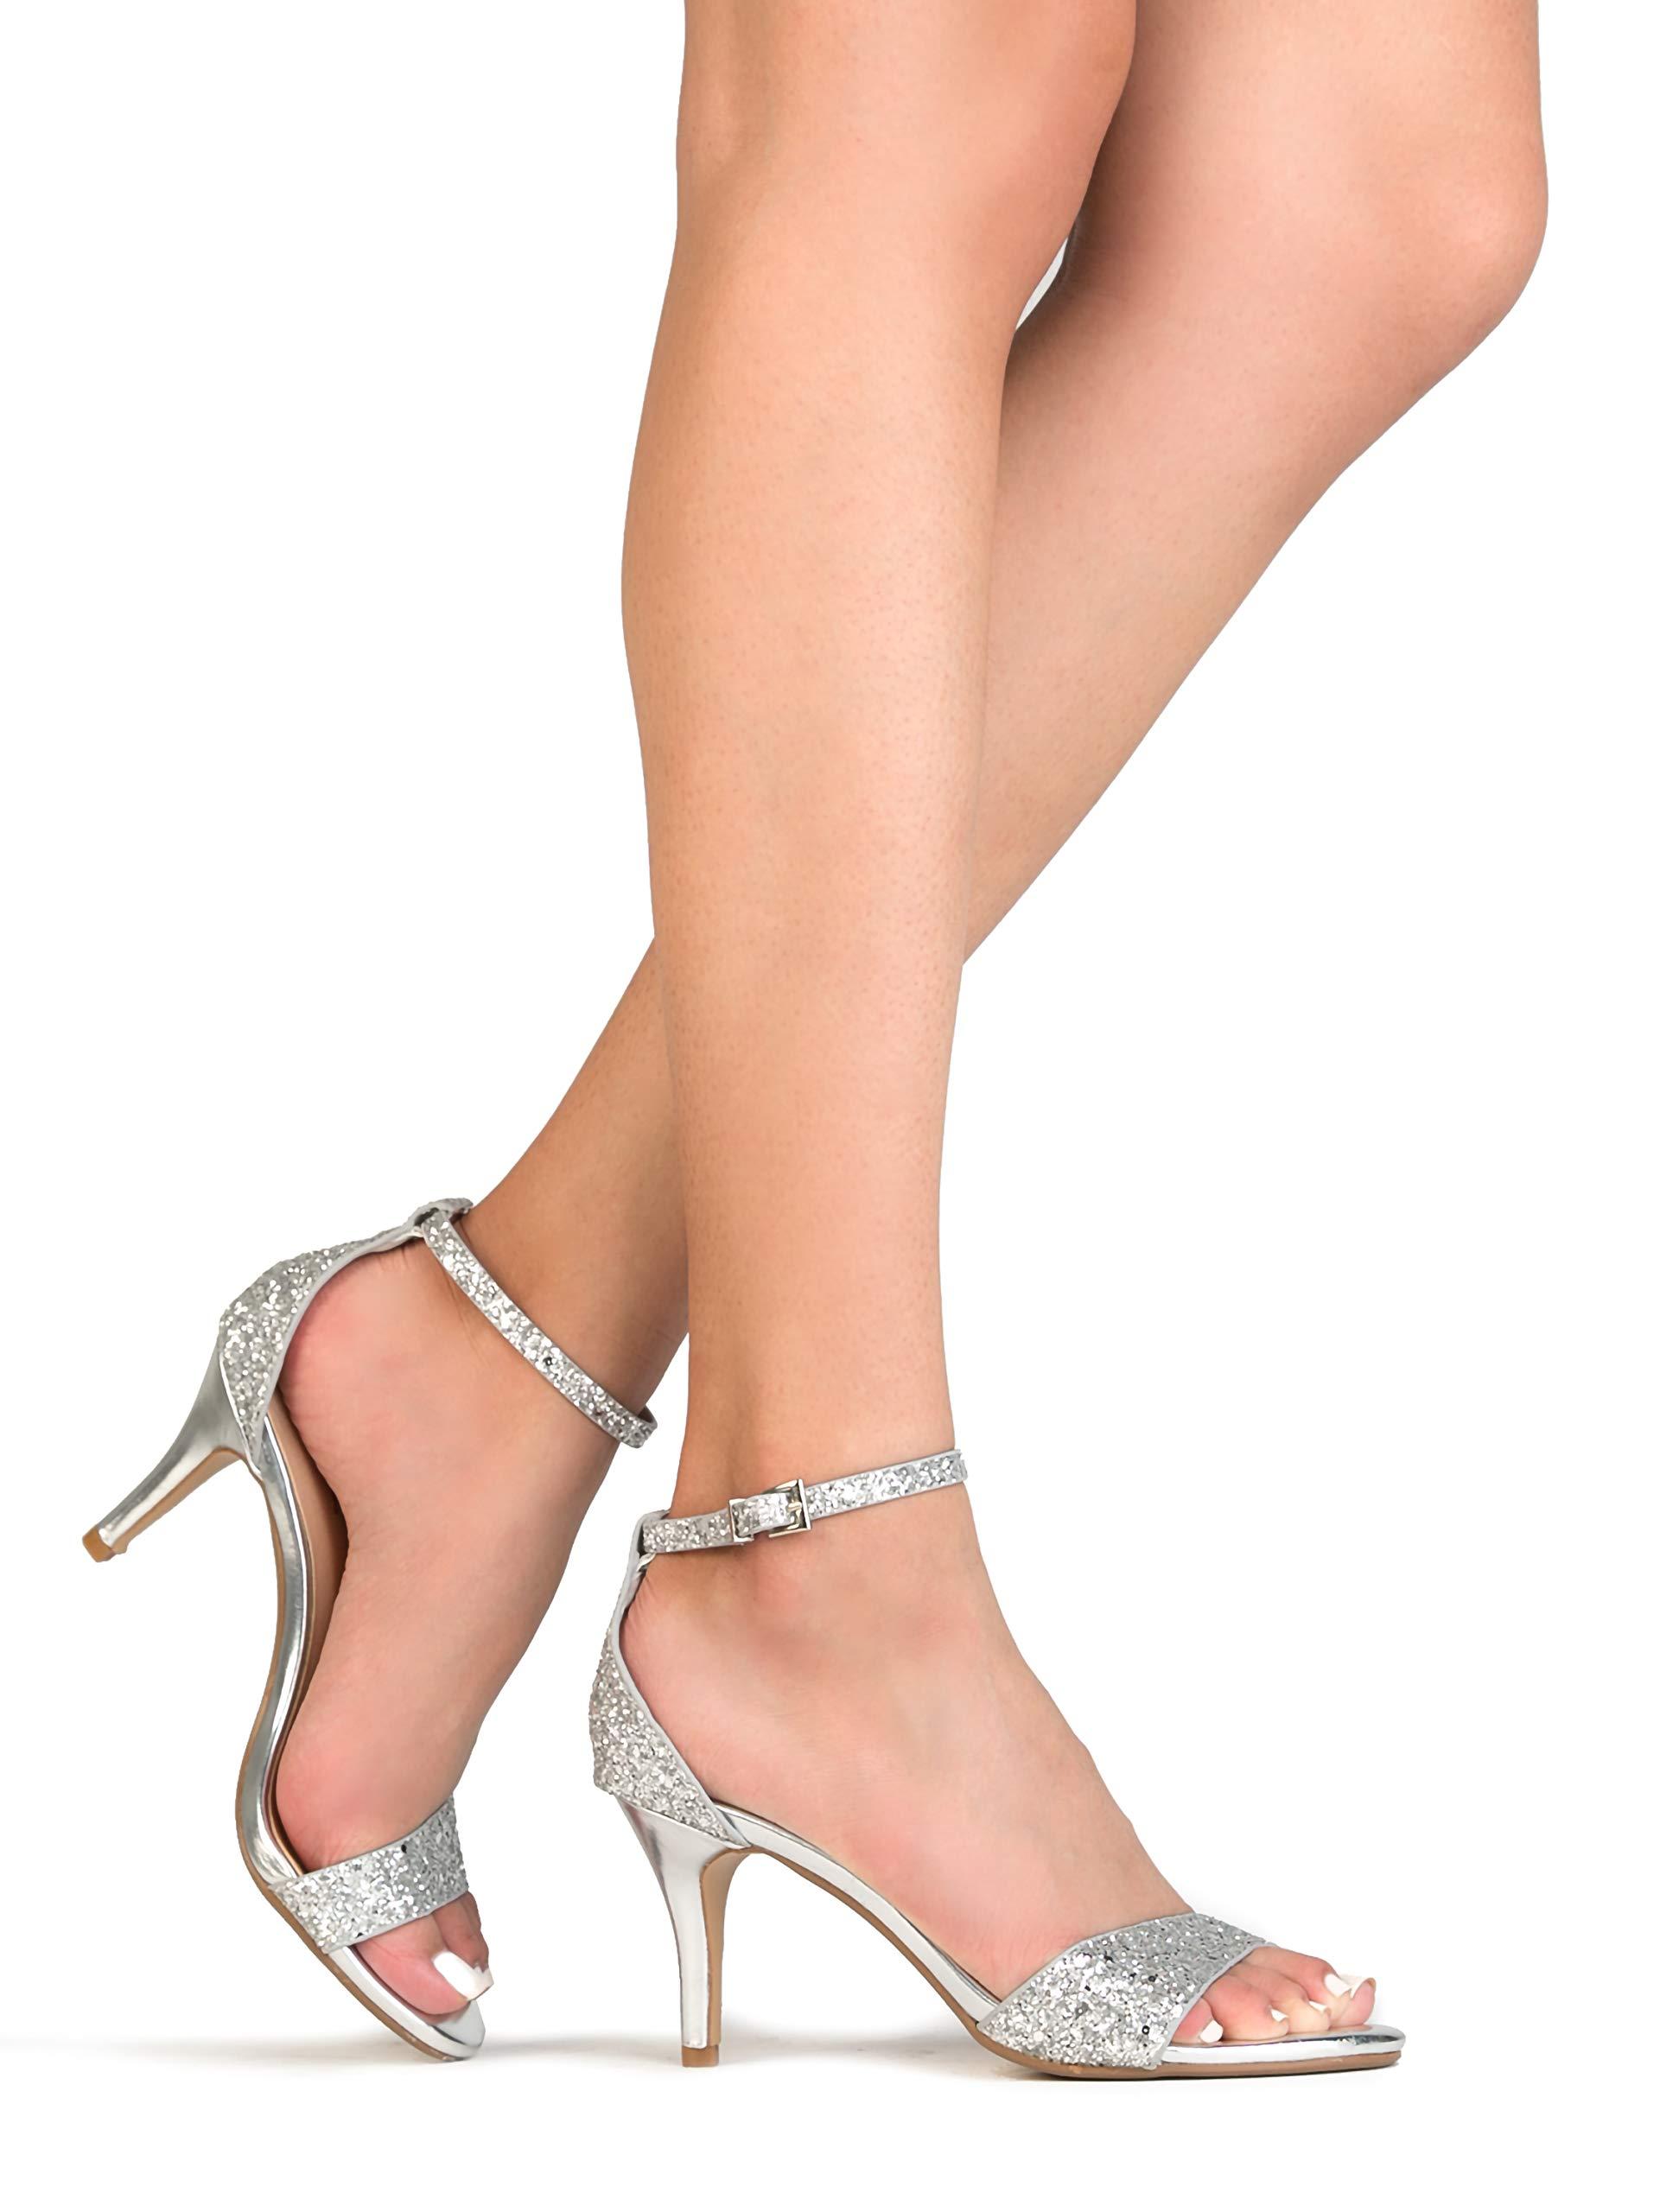 J. Adams Low Ankle Strap Heel, Silver Glitter, 7.5 B(M) US